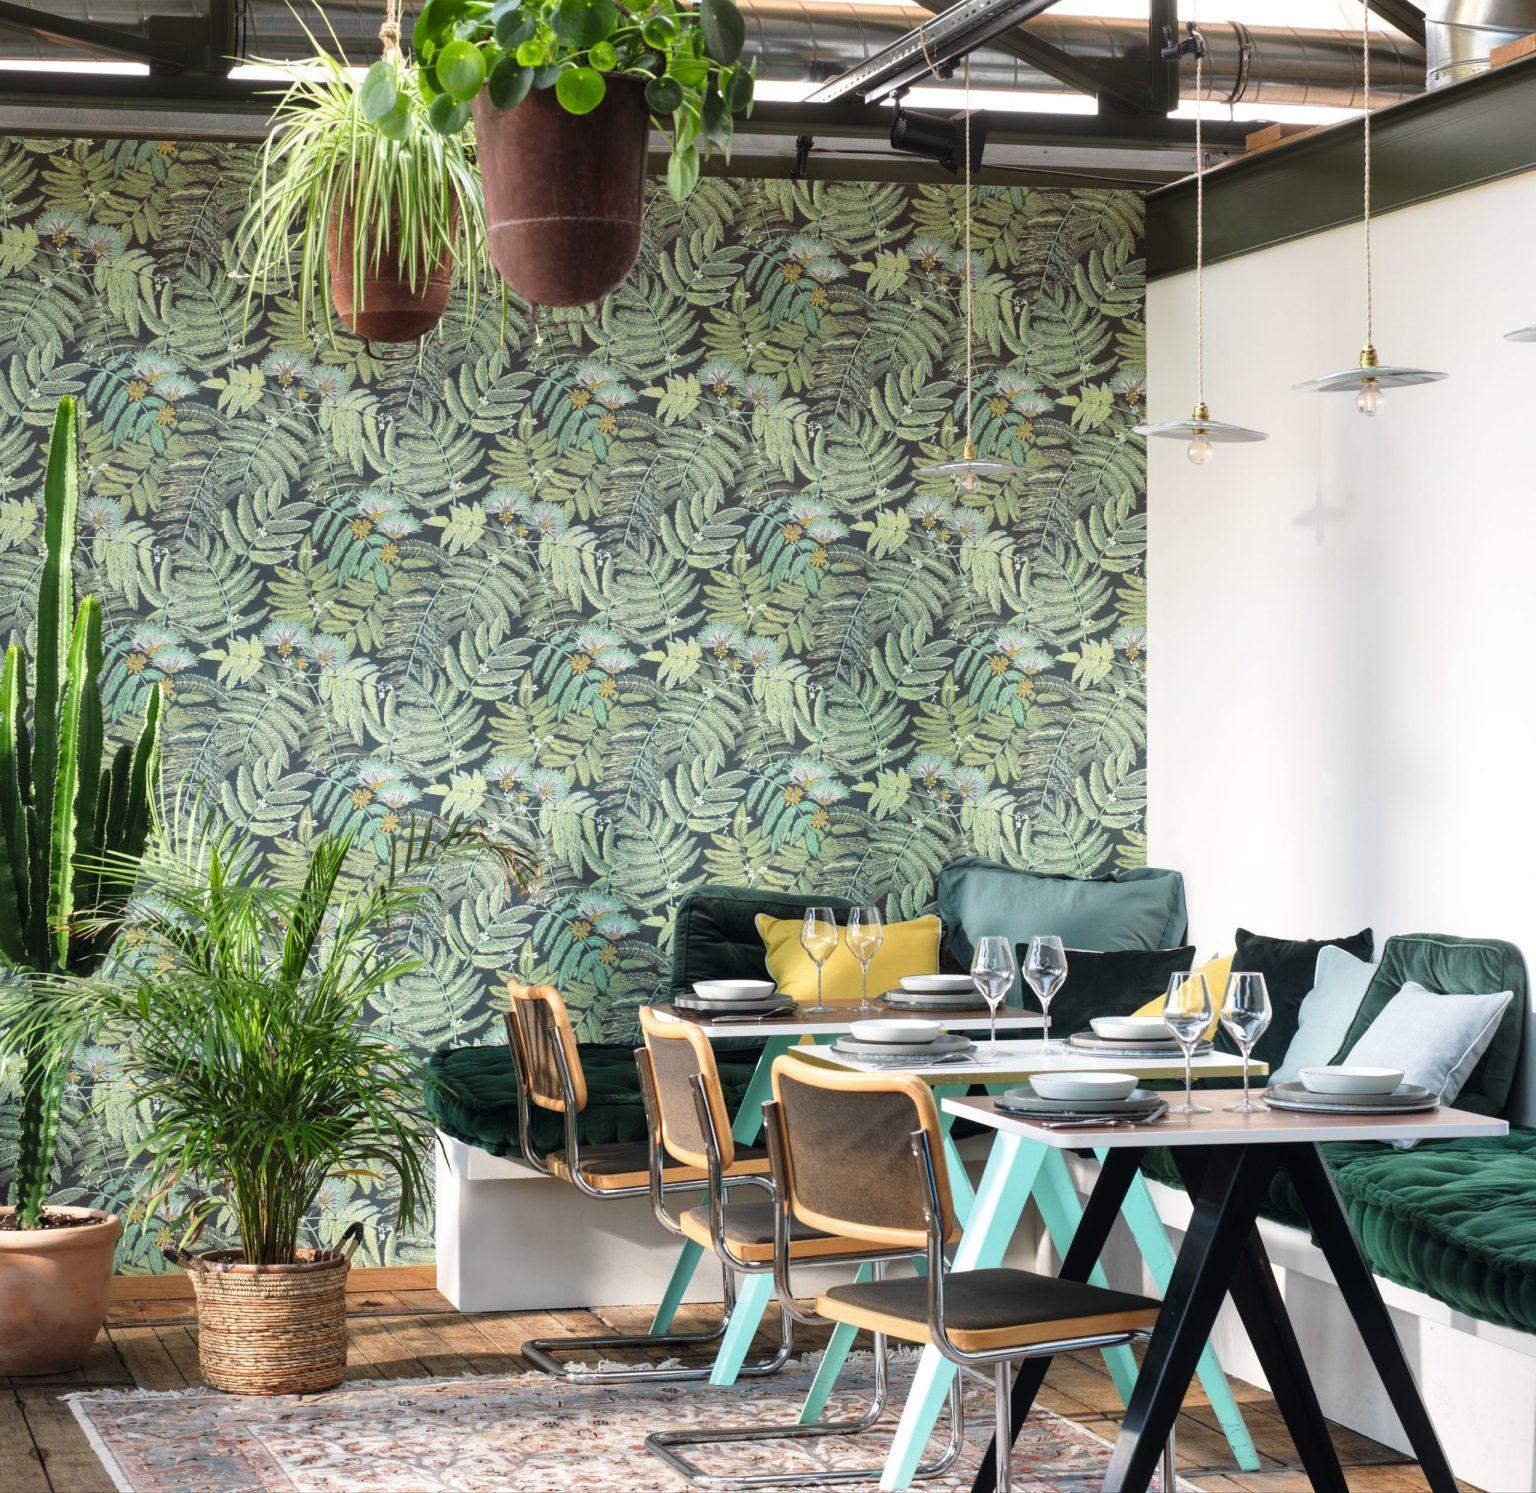 Papier peint floral botanica vert menthe